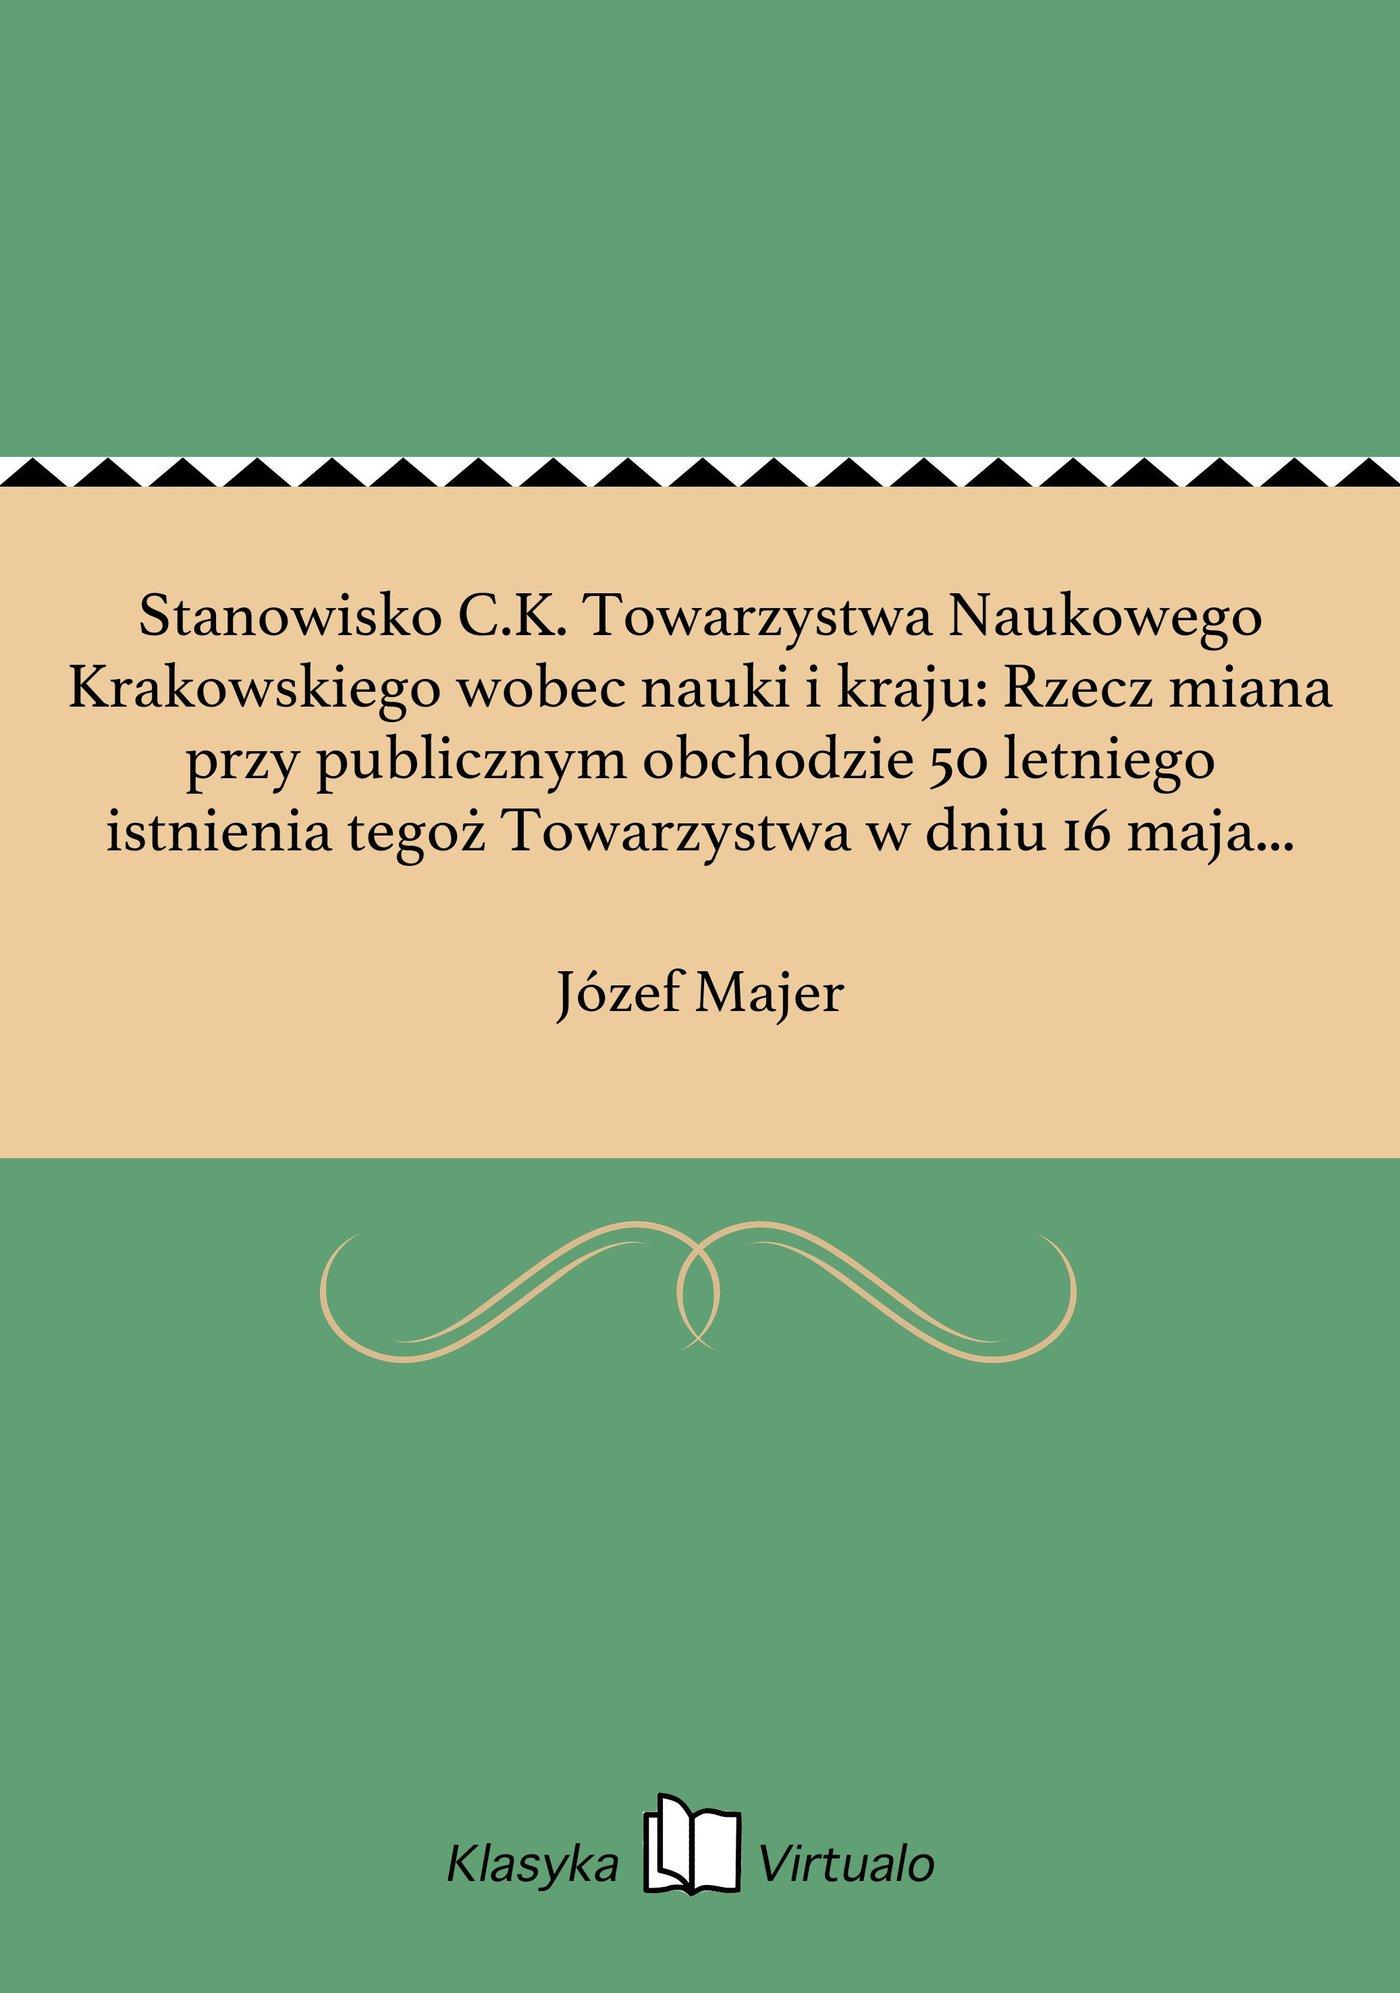 Stanowisko C.K. Towarzystwa Naukowego Krakowskiego wobec nauki i kraju: Rzecz miana przy publicznym obchodzie 50 letniego istnienia tegoż Towarzystwa w dniu 16 maja 1868 r. - Ebook (Książka EPUB) do pobrania w formacie EPUB